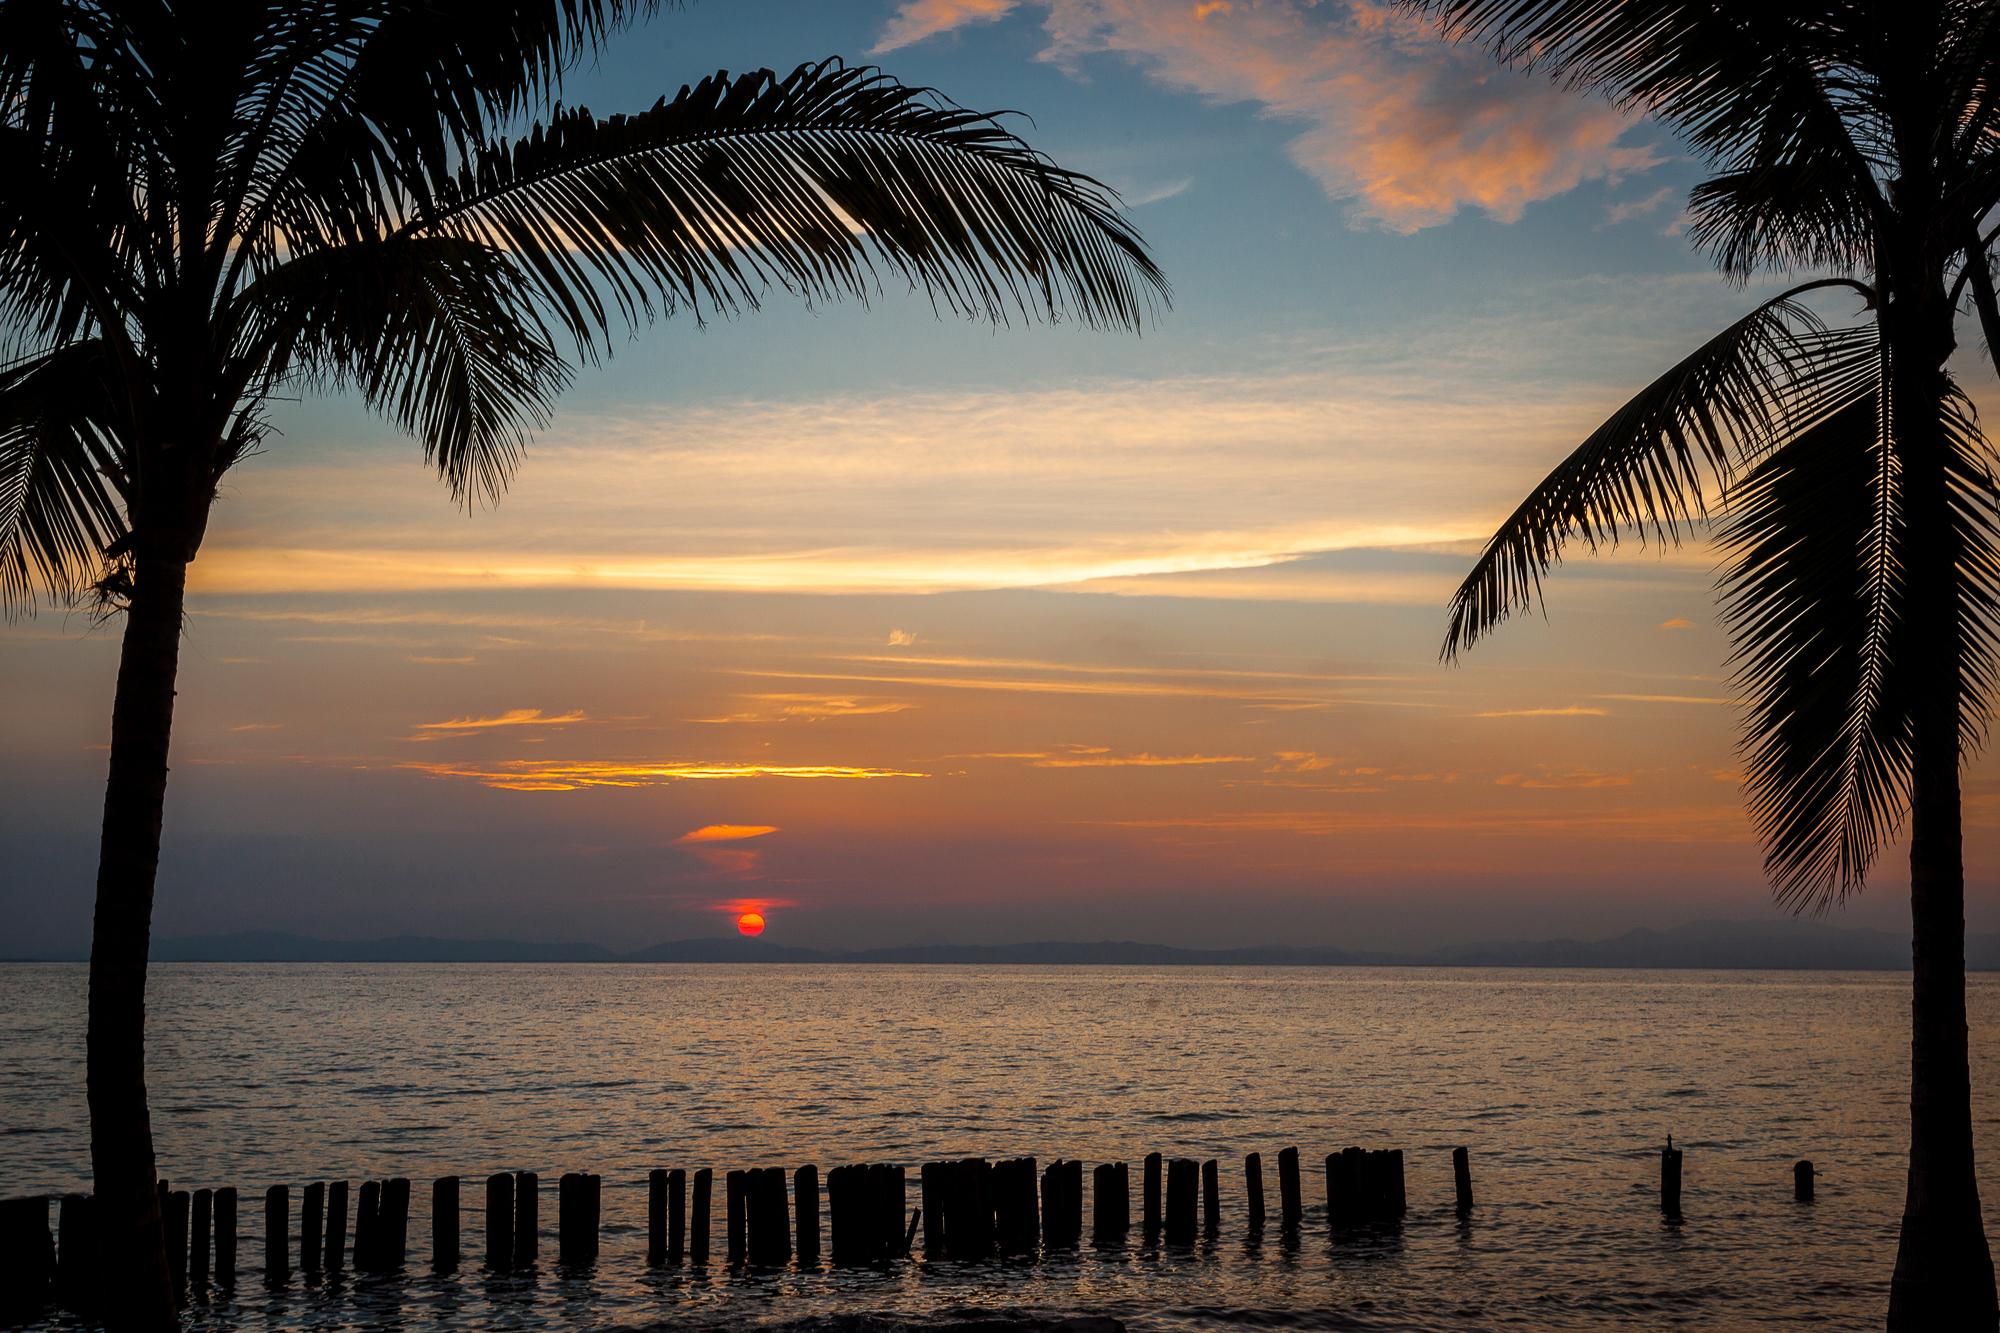 Sunset - Taken By Dylan Rose